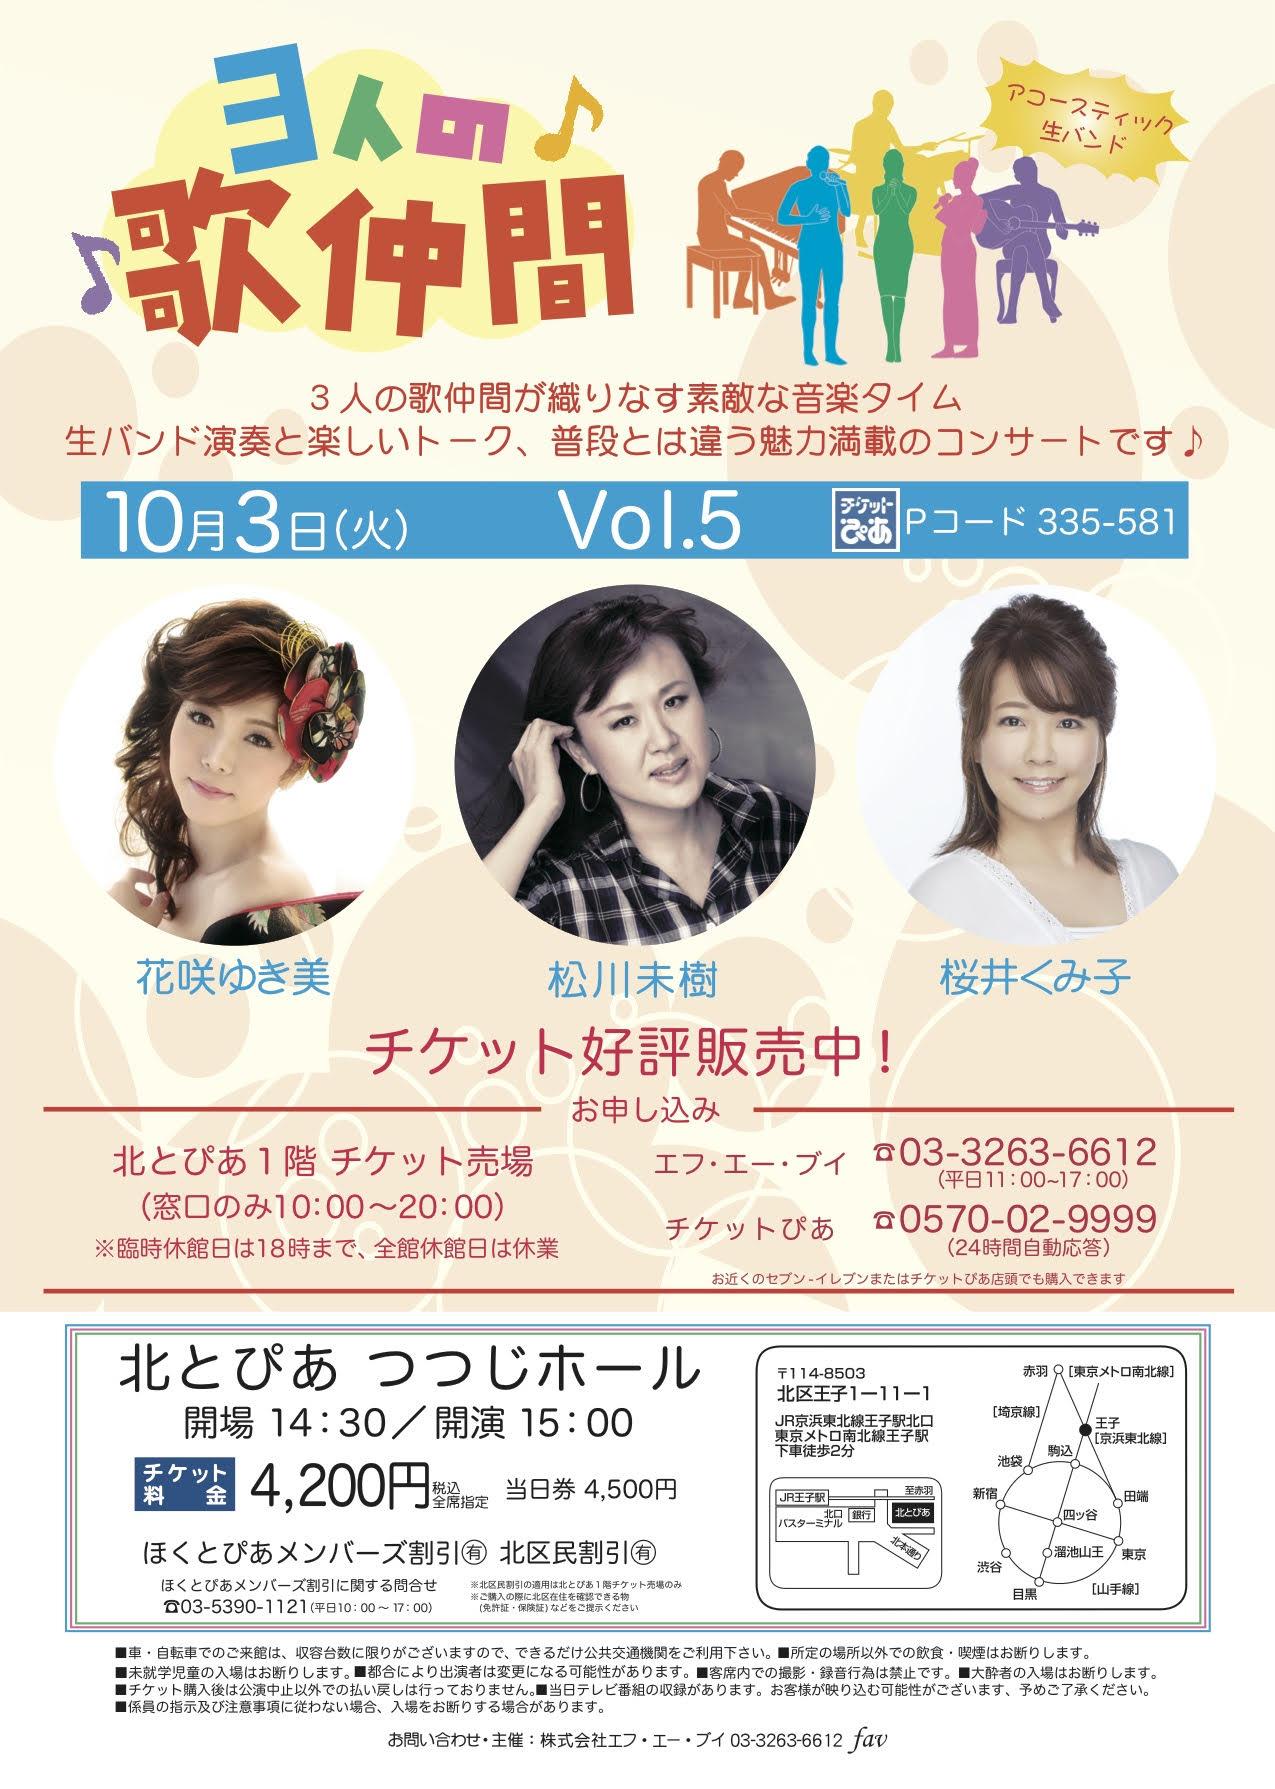 松川未樹 10/3(火)開催「3人の歌仲間 Vol.5」@北とぴあ出演!